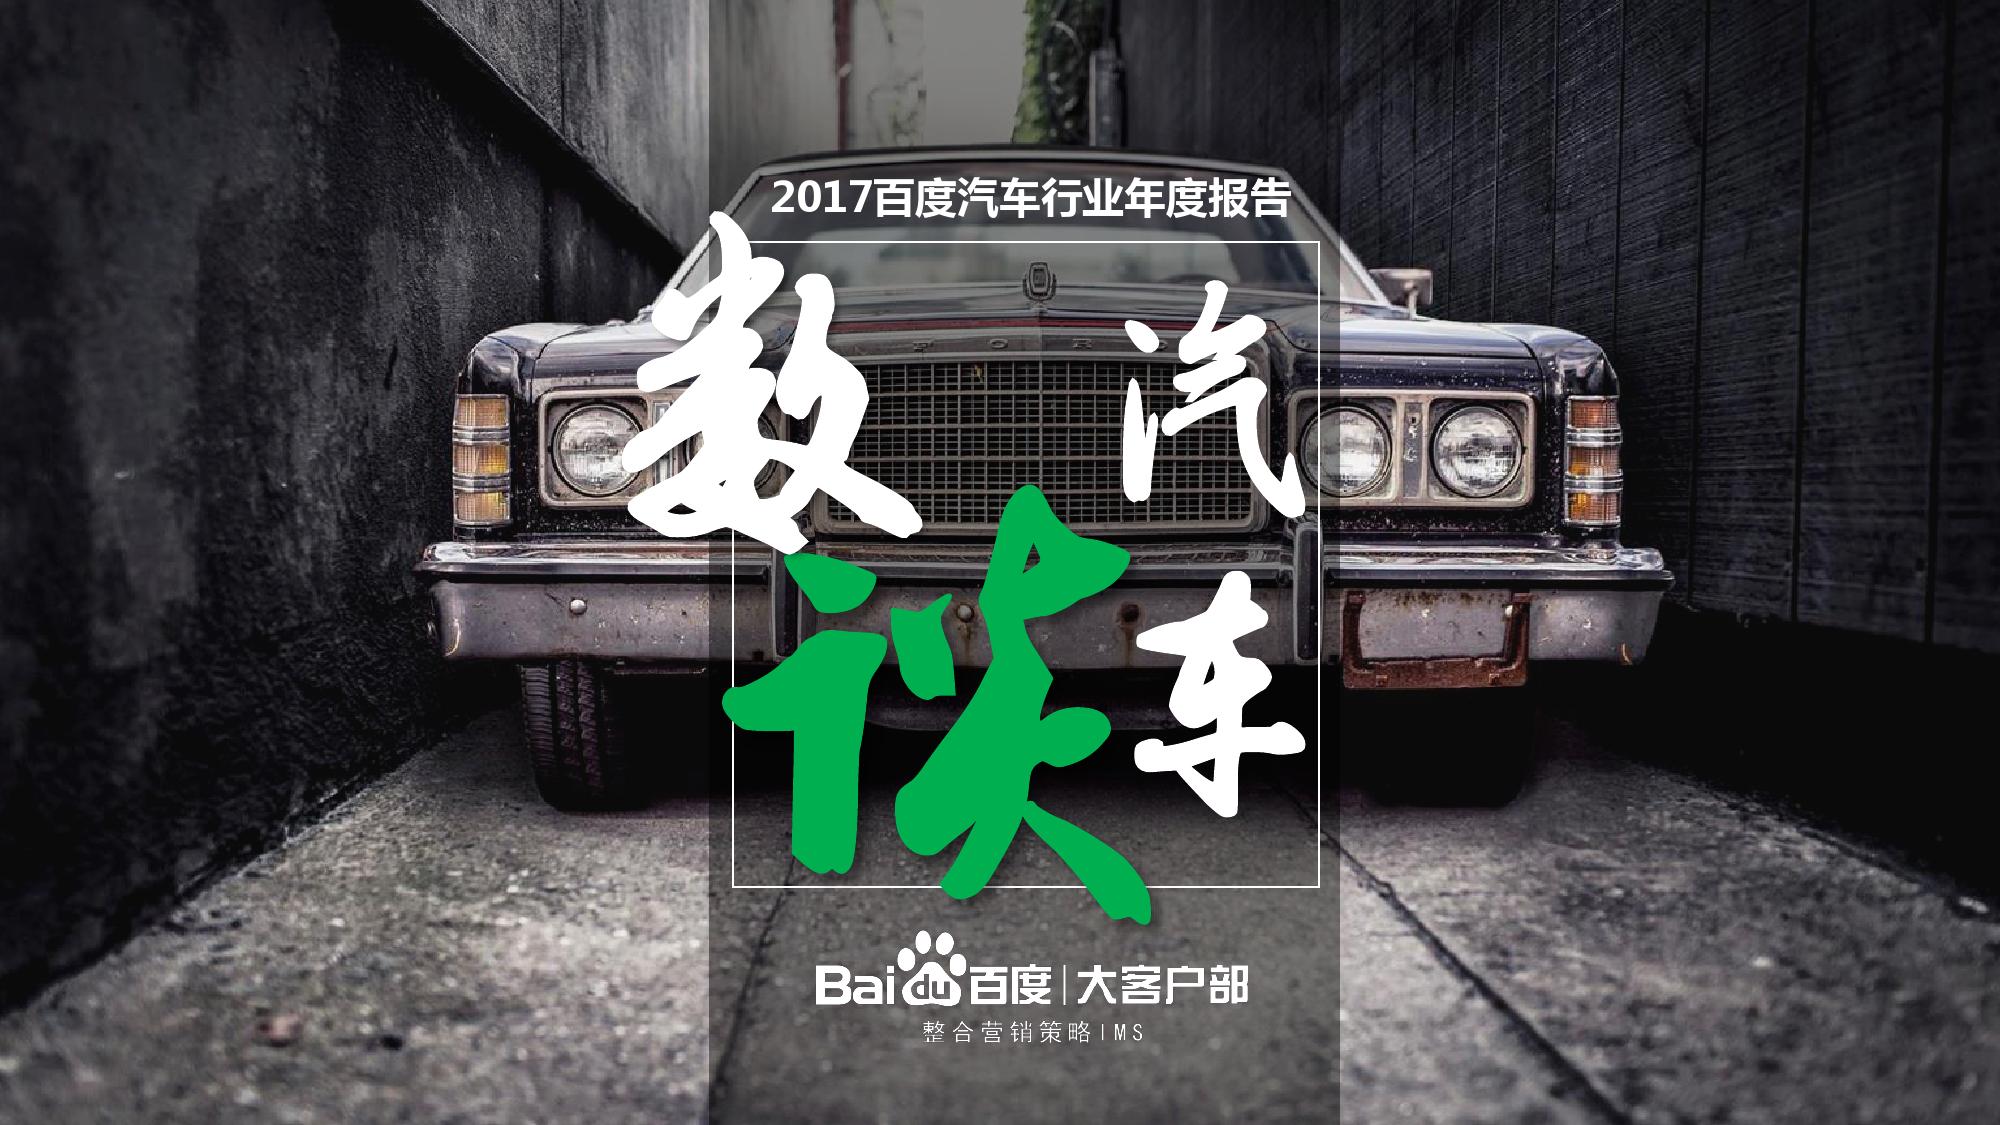 百度:2017年汽车行业年度报告(附下载)